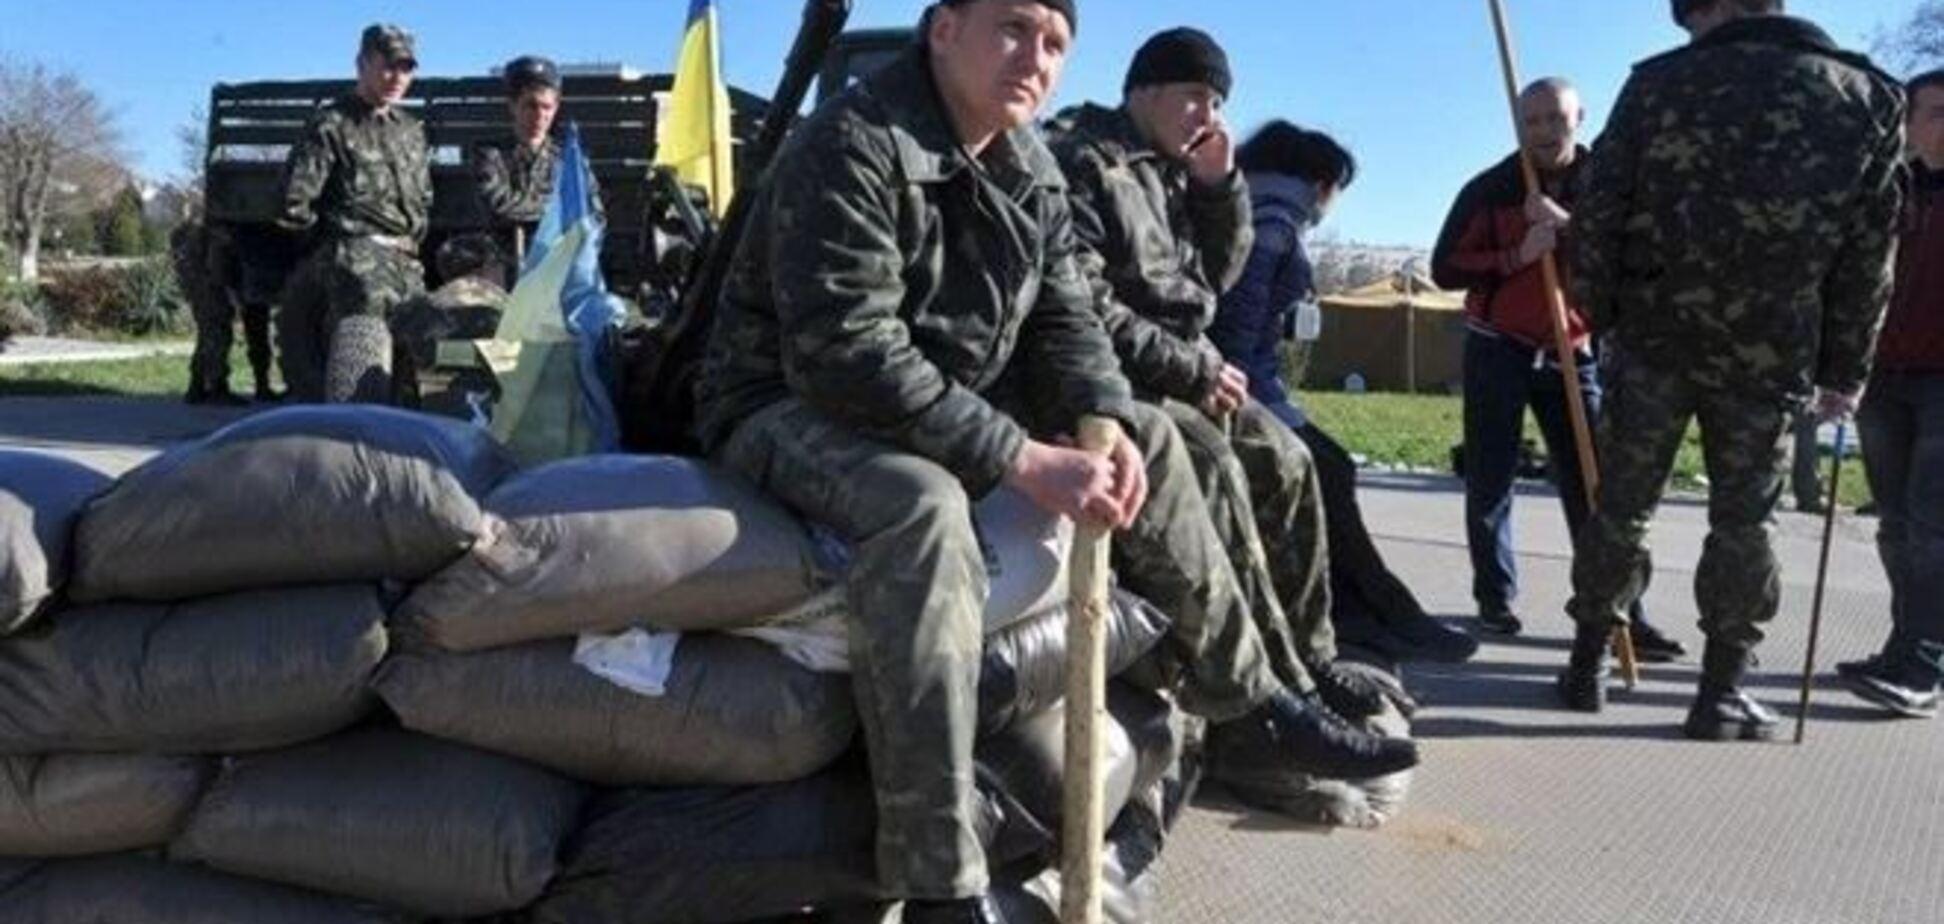 Украина в Крыму: эвакуация, передислокация… Или капитуляция?